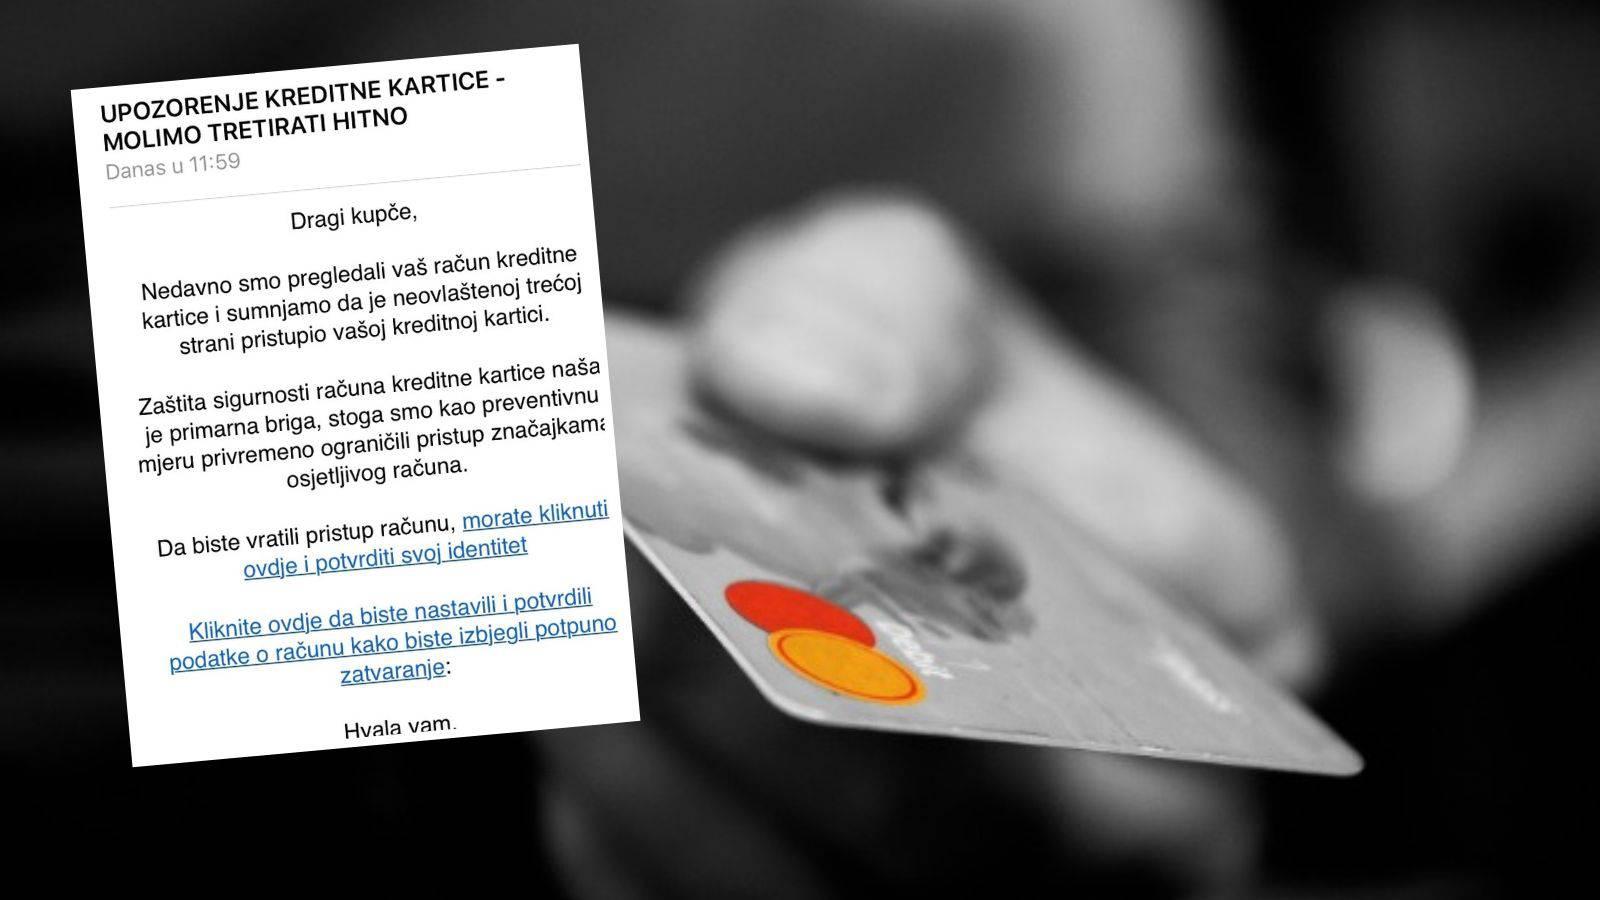 Oprez! Pojavile se lažne poruke o pristupu kreditnim karticama